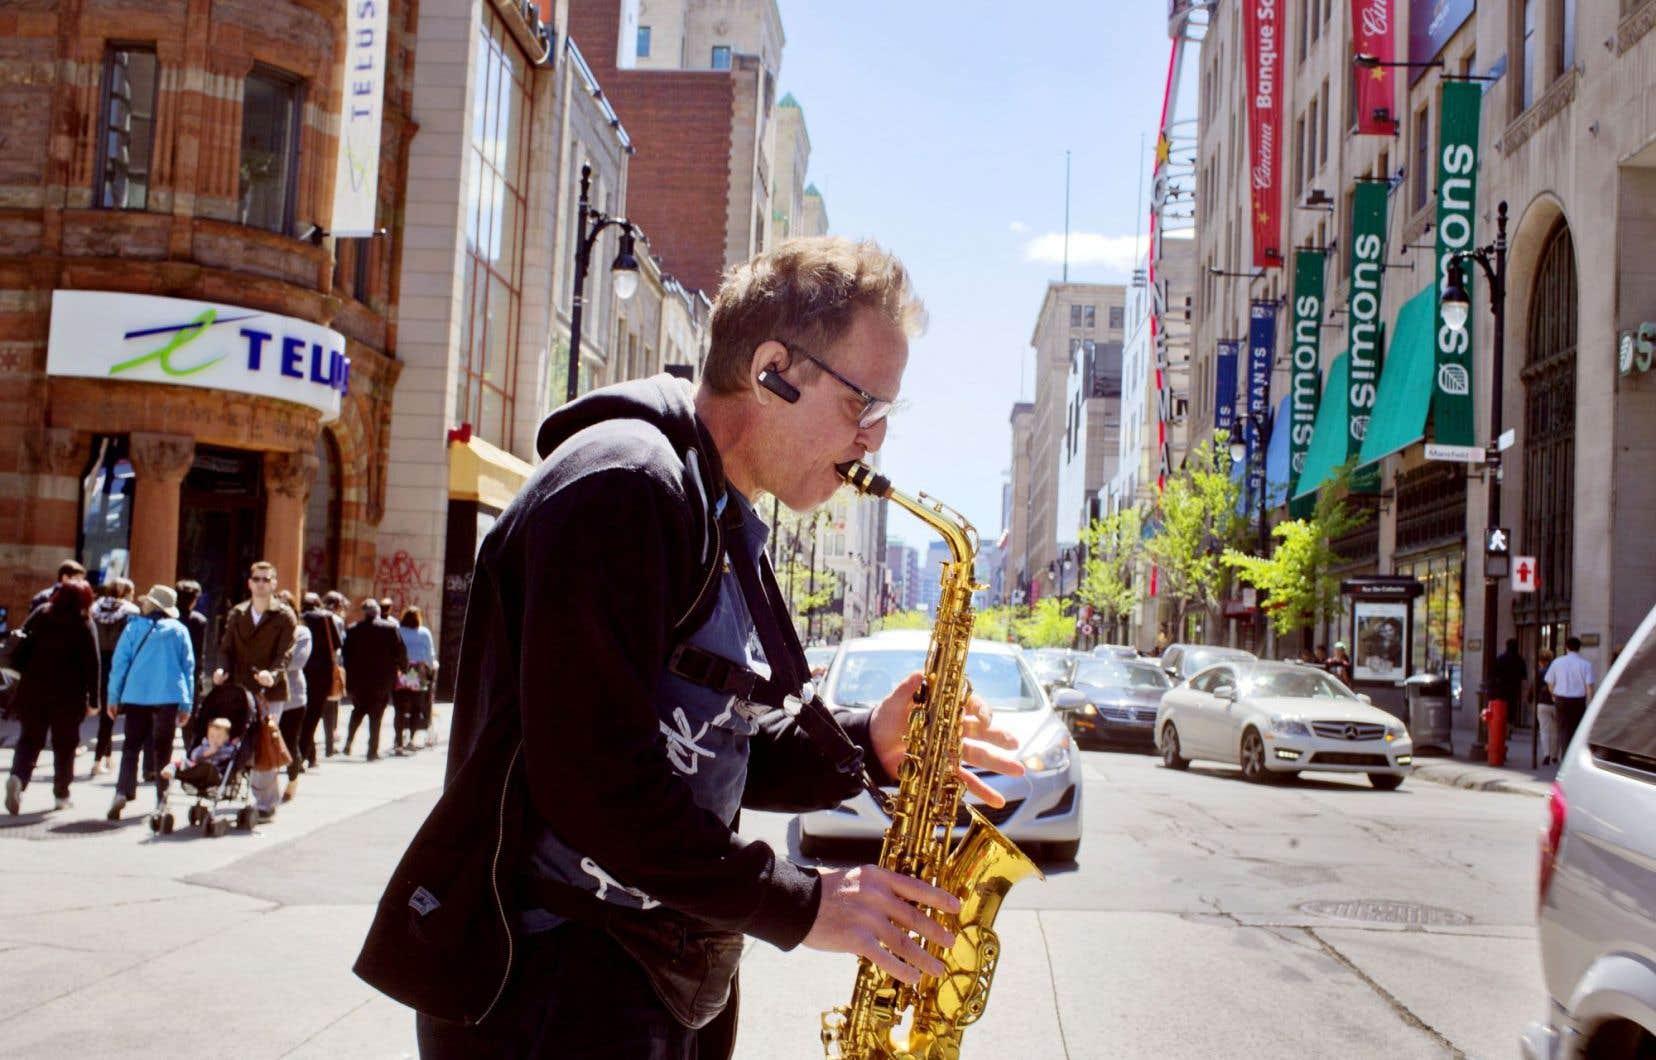 Scène de la rue Sainte-Catherine mercredi, avec le saxophoniste Alain Lebeau. La Ville de Montréal profitera de travaux d'infrastructures pour remodeler l'artère commerciale.